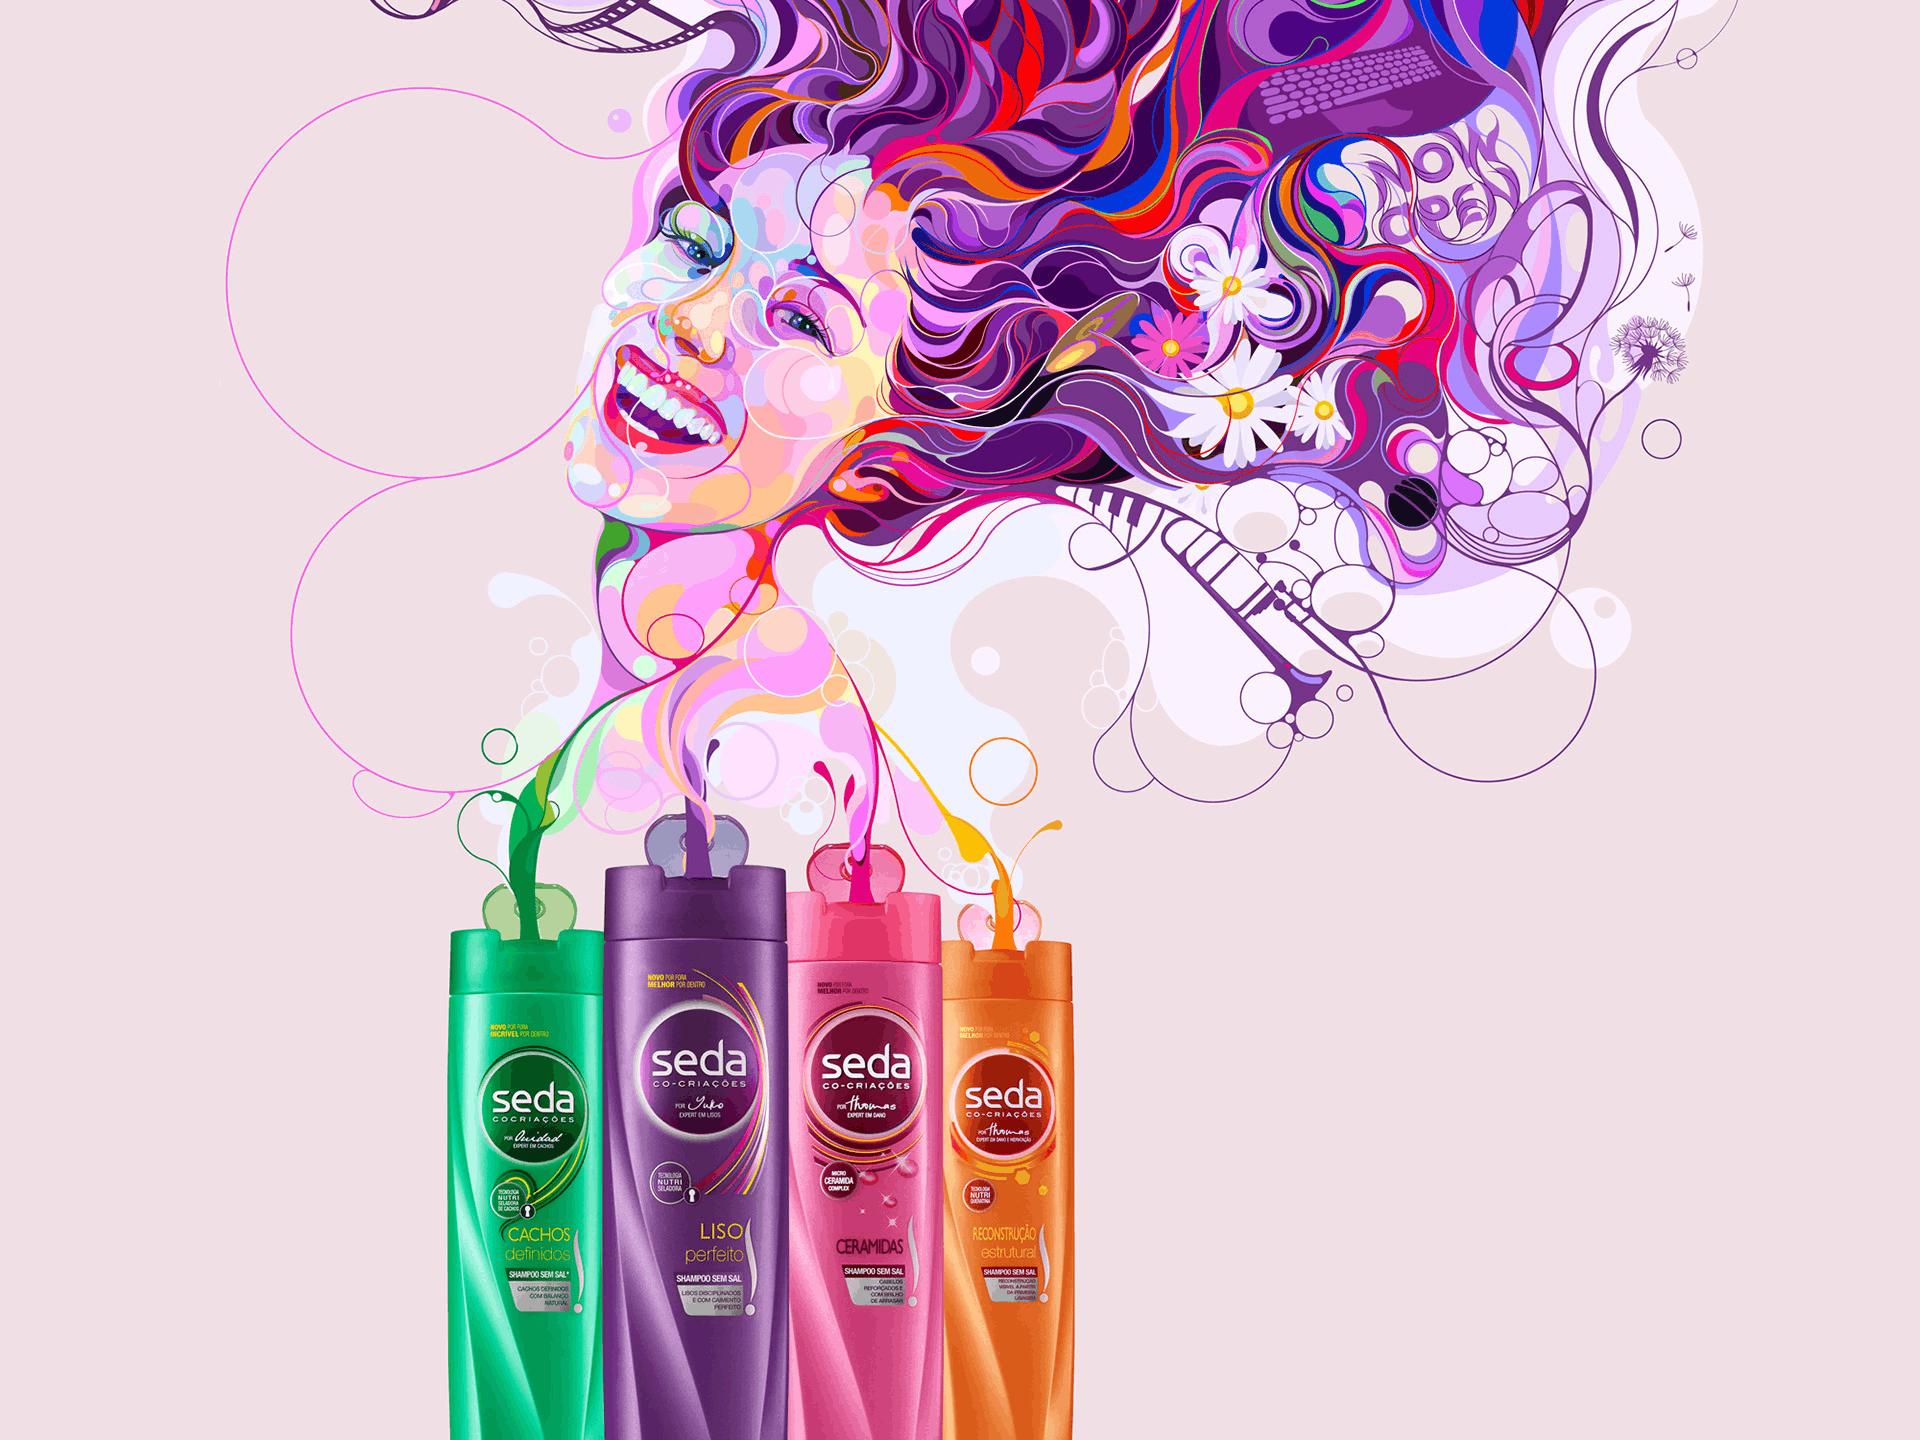 Publicidad Seda Shampoo, 2018